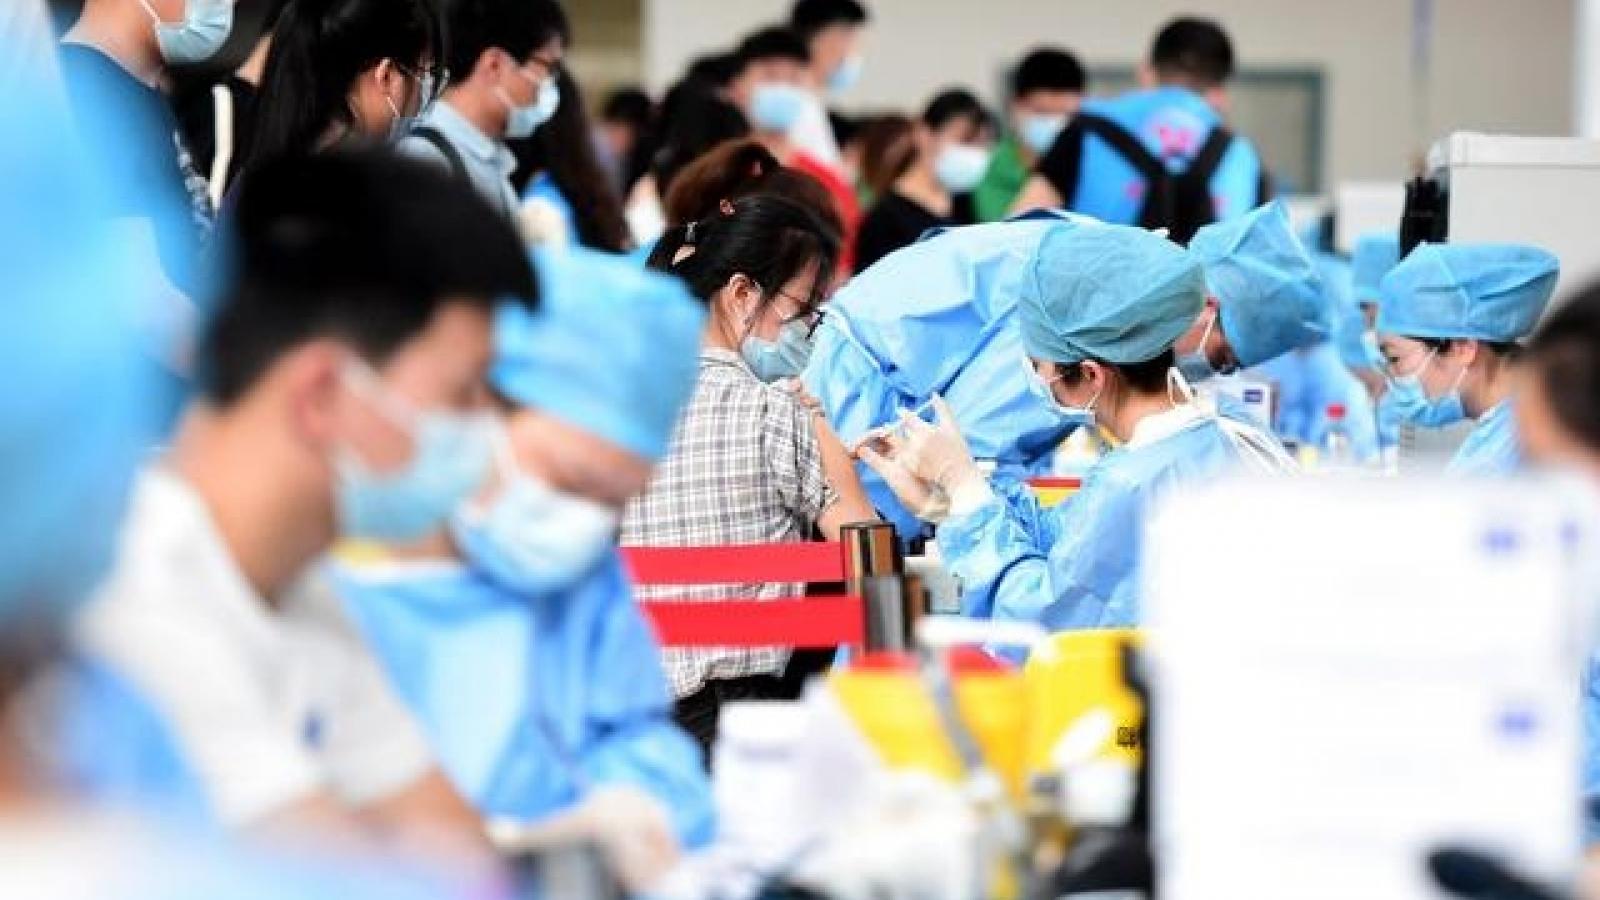 Trung Quốc truy cứu trách nhiệm người để lây Covid-19 do chưa tiêm vaccine